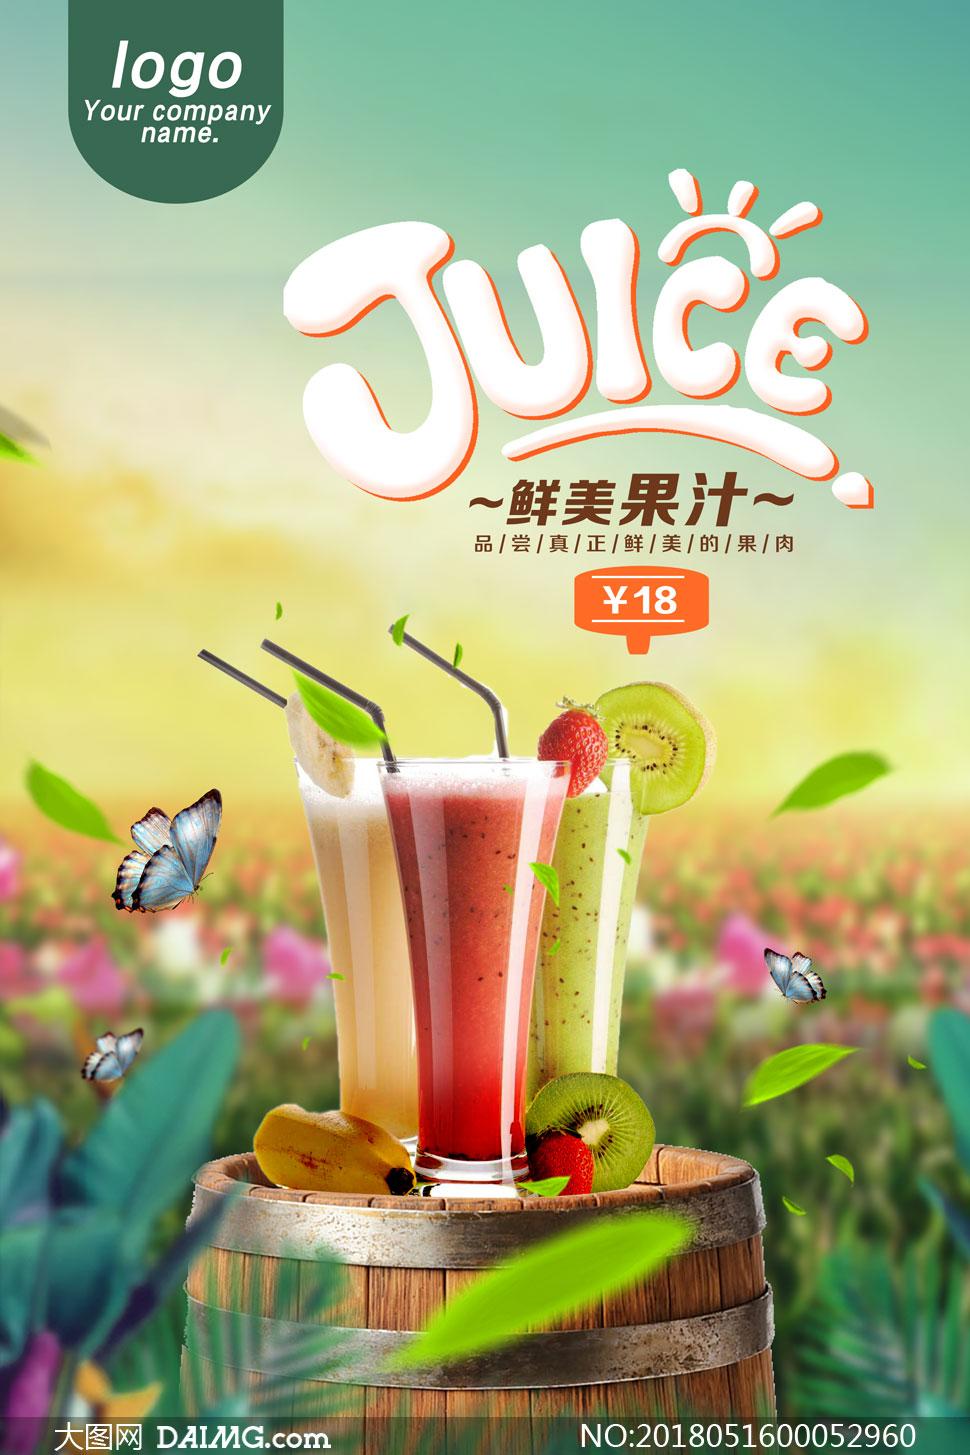 鲜美果汁宣传海报设计PSD素材